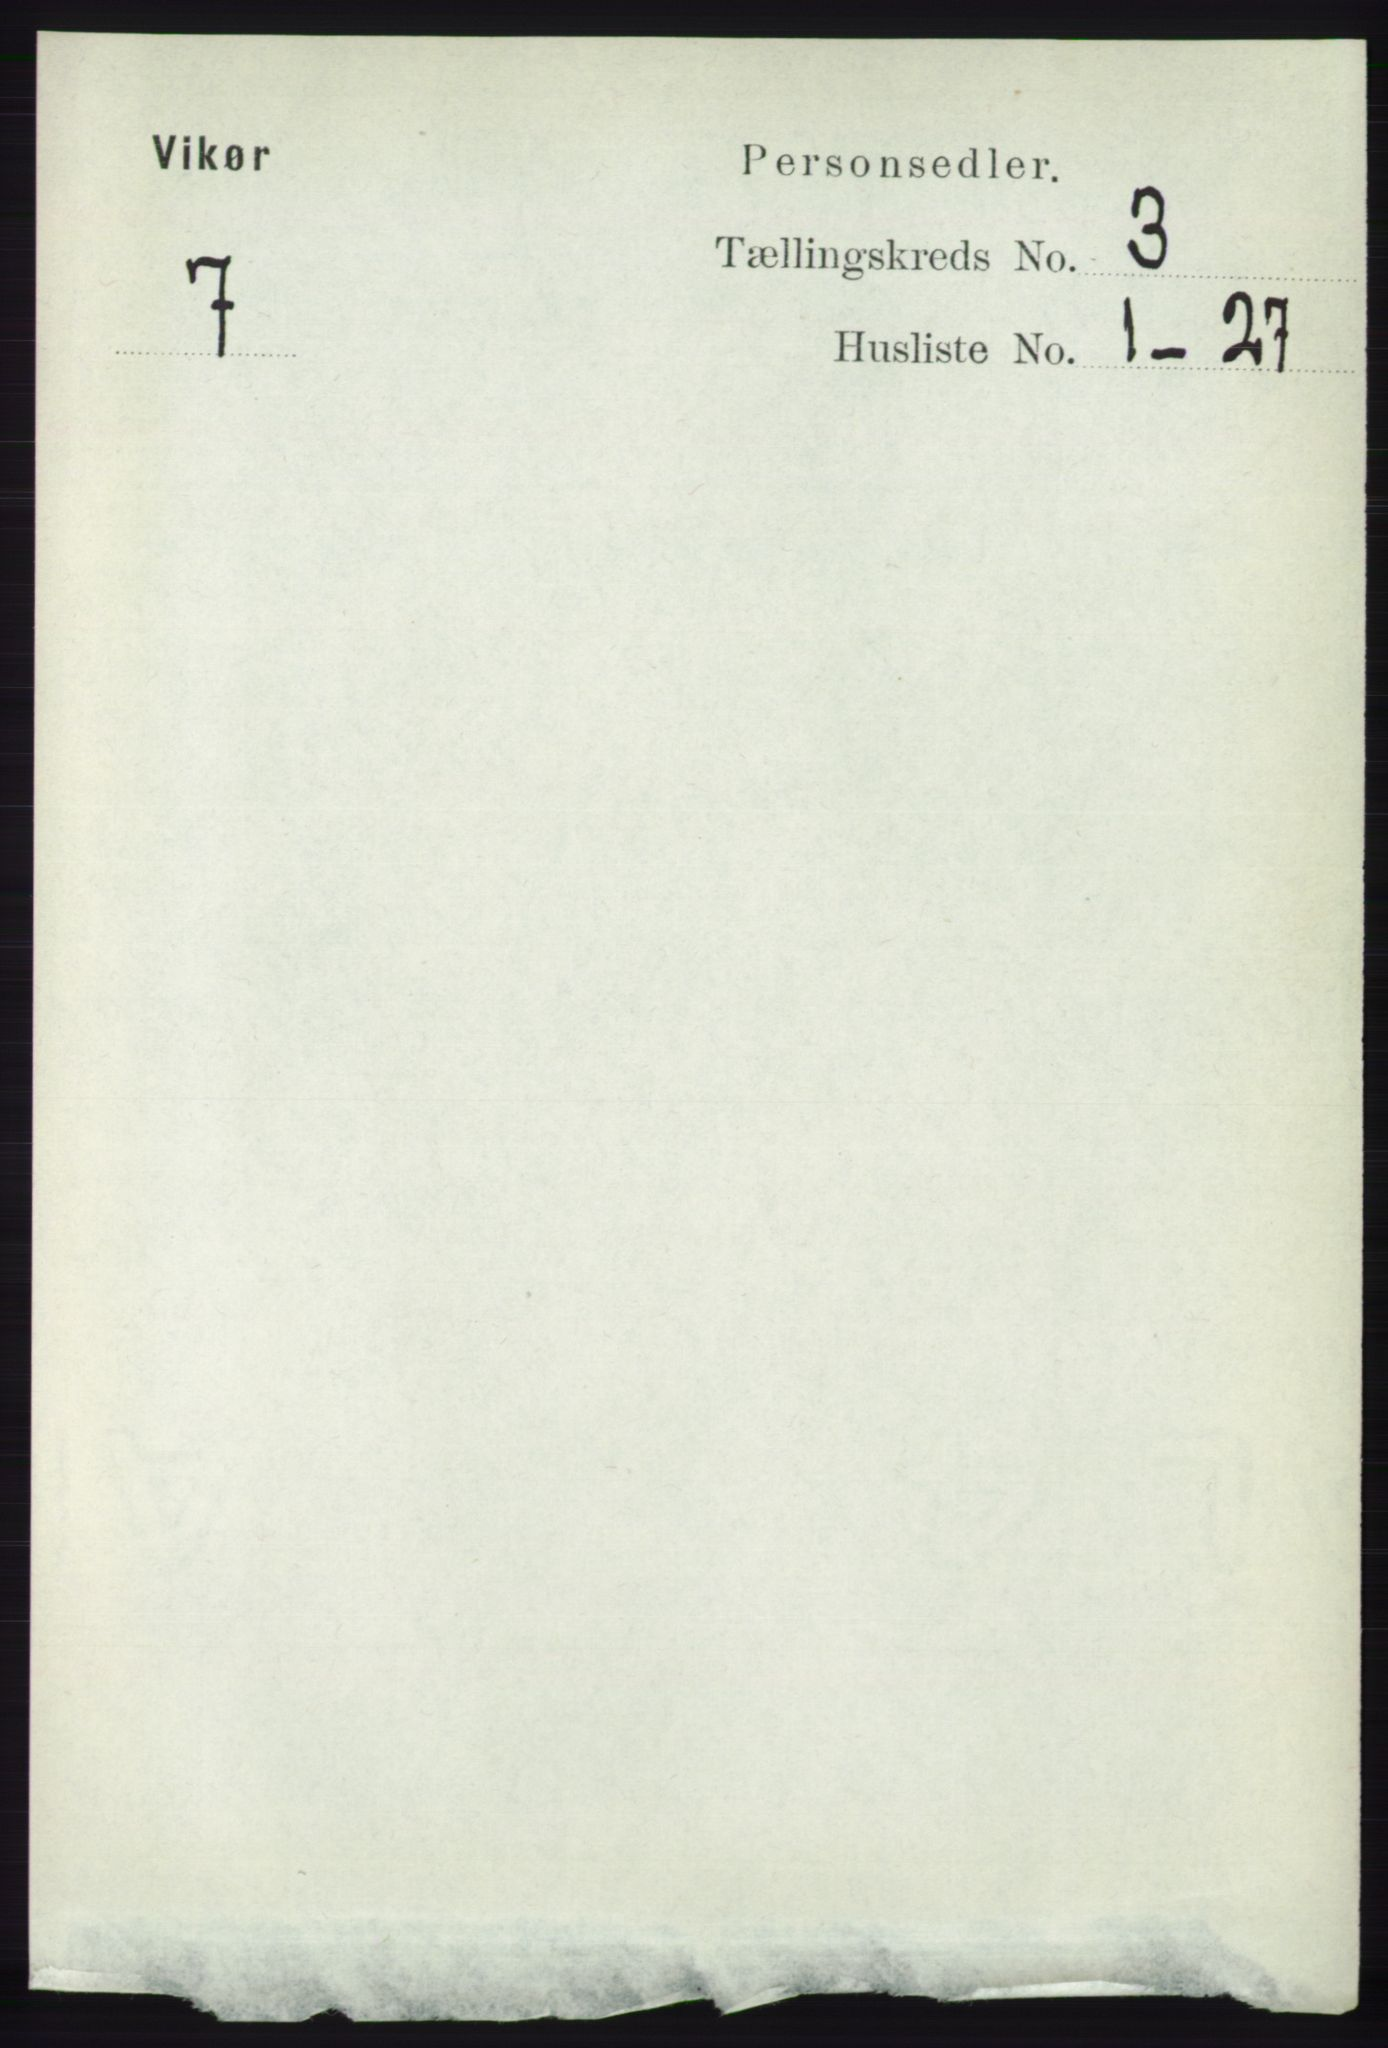 RA, Folketelling 1891 for 1238 Vikør herred, 1891, s. 745